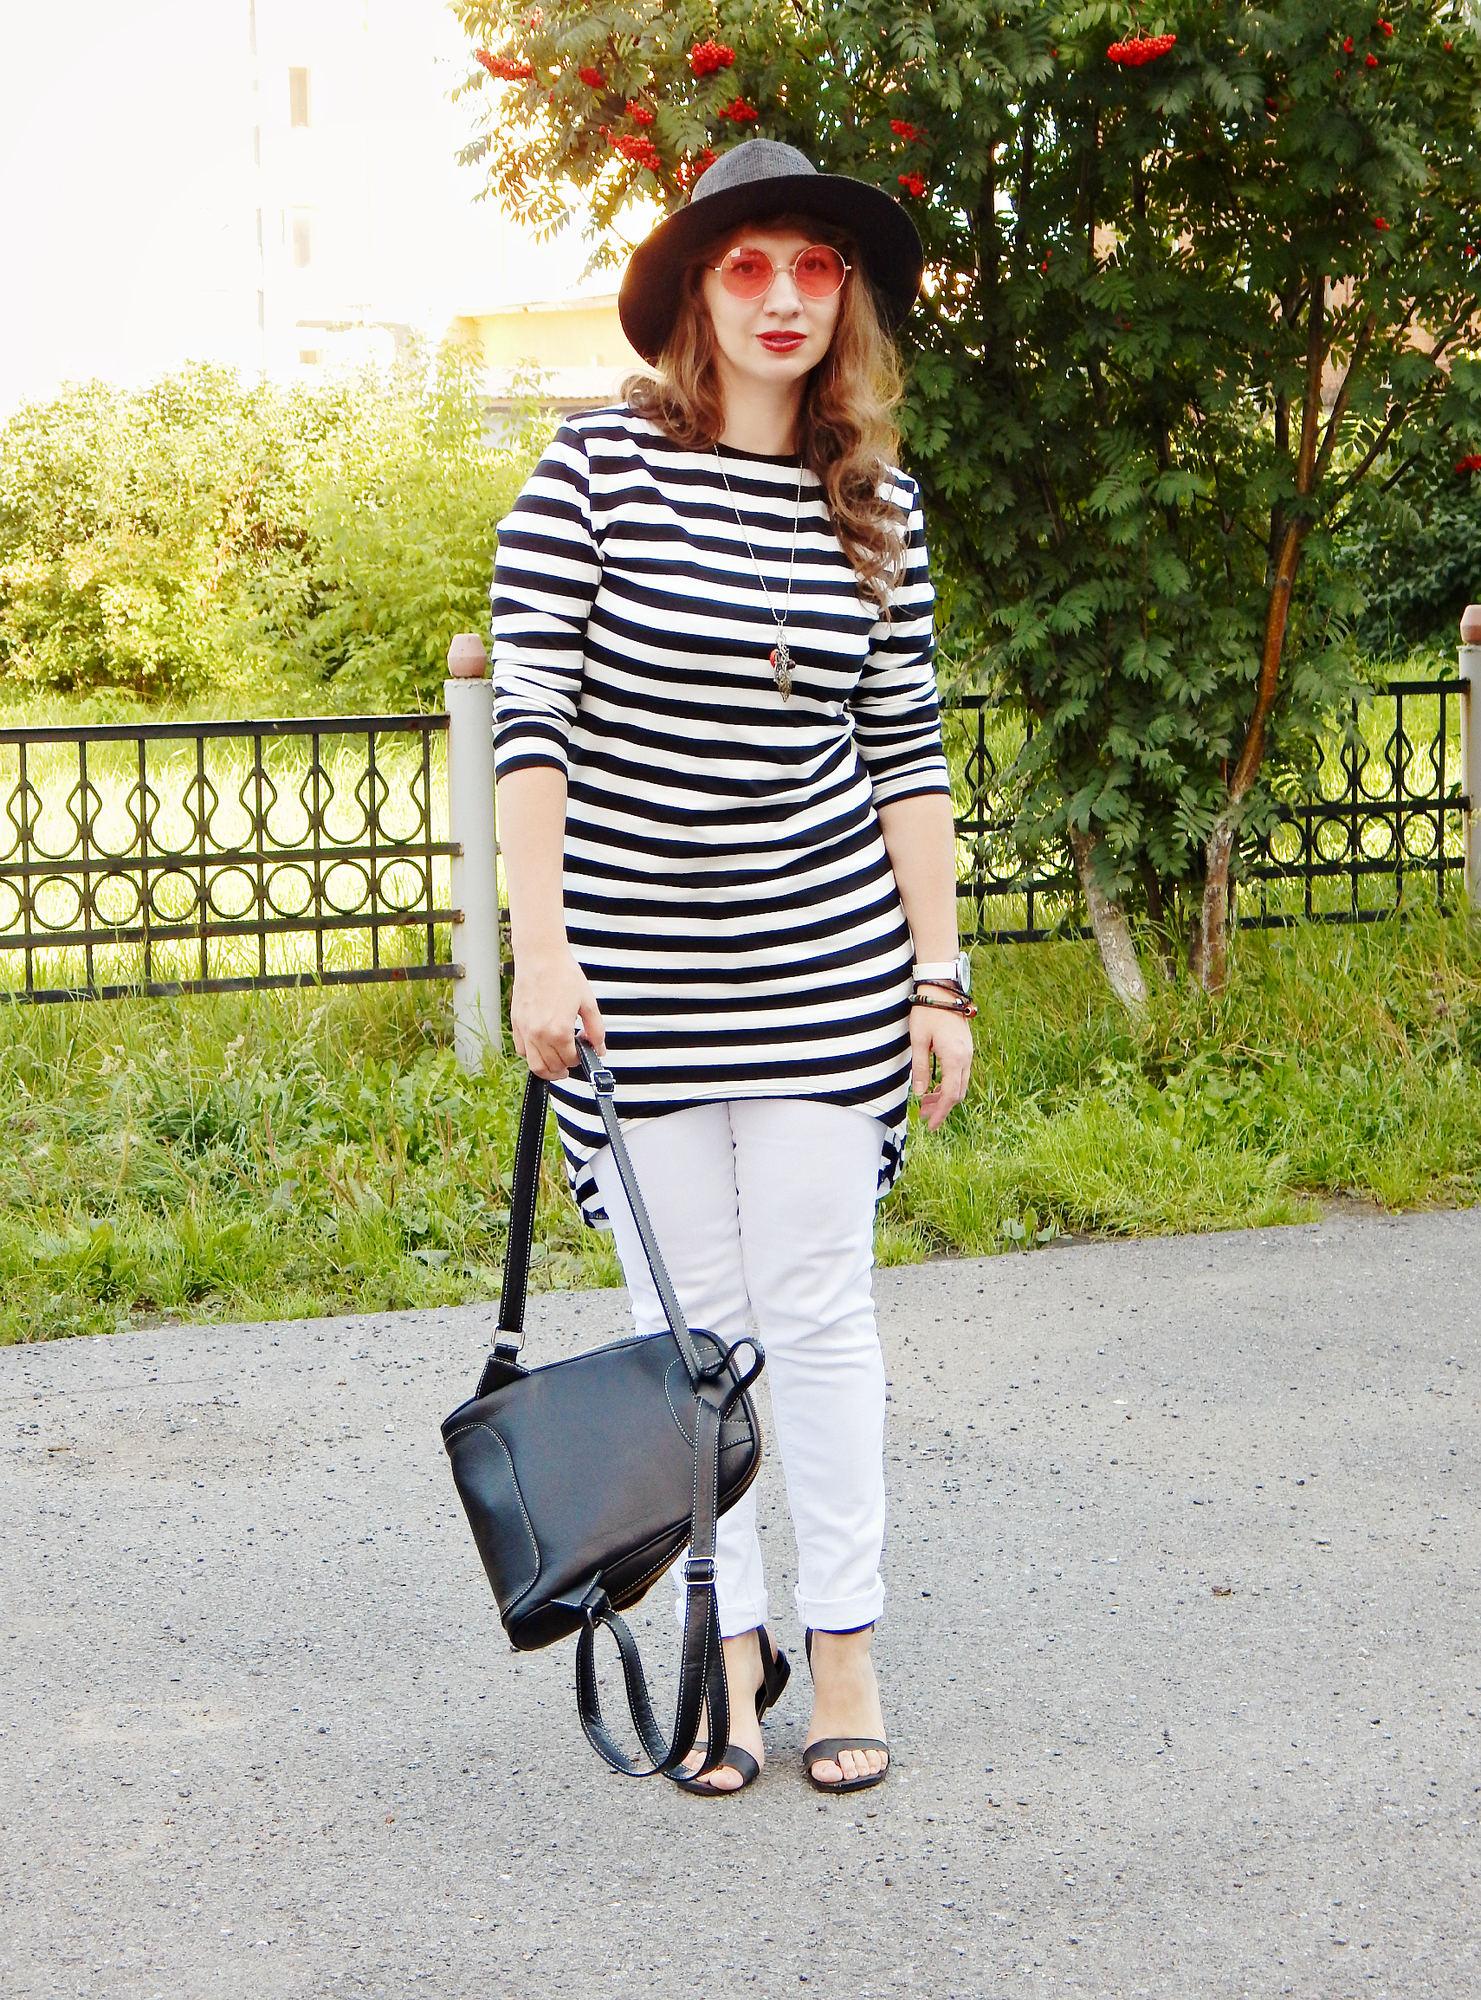 Полоса белая, полоса черная)) http://vk.com/lenusik5lapusik